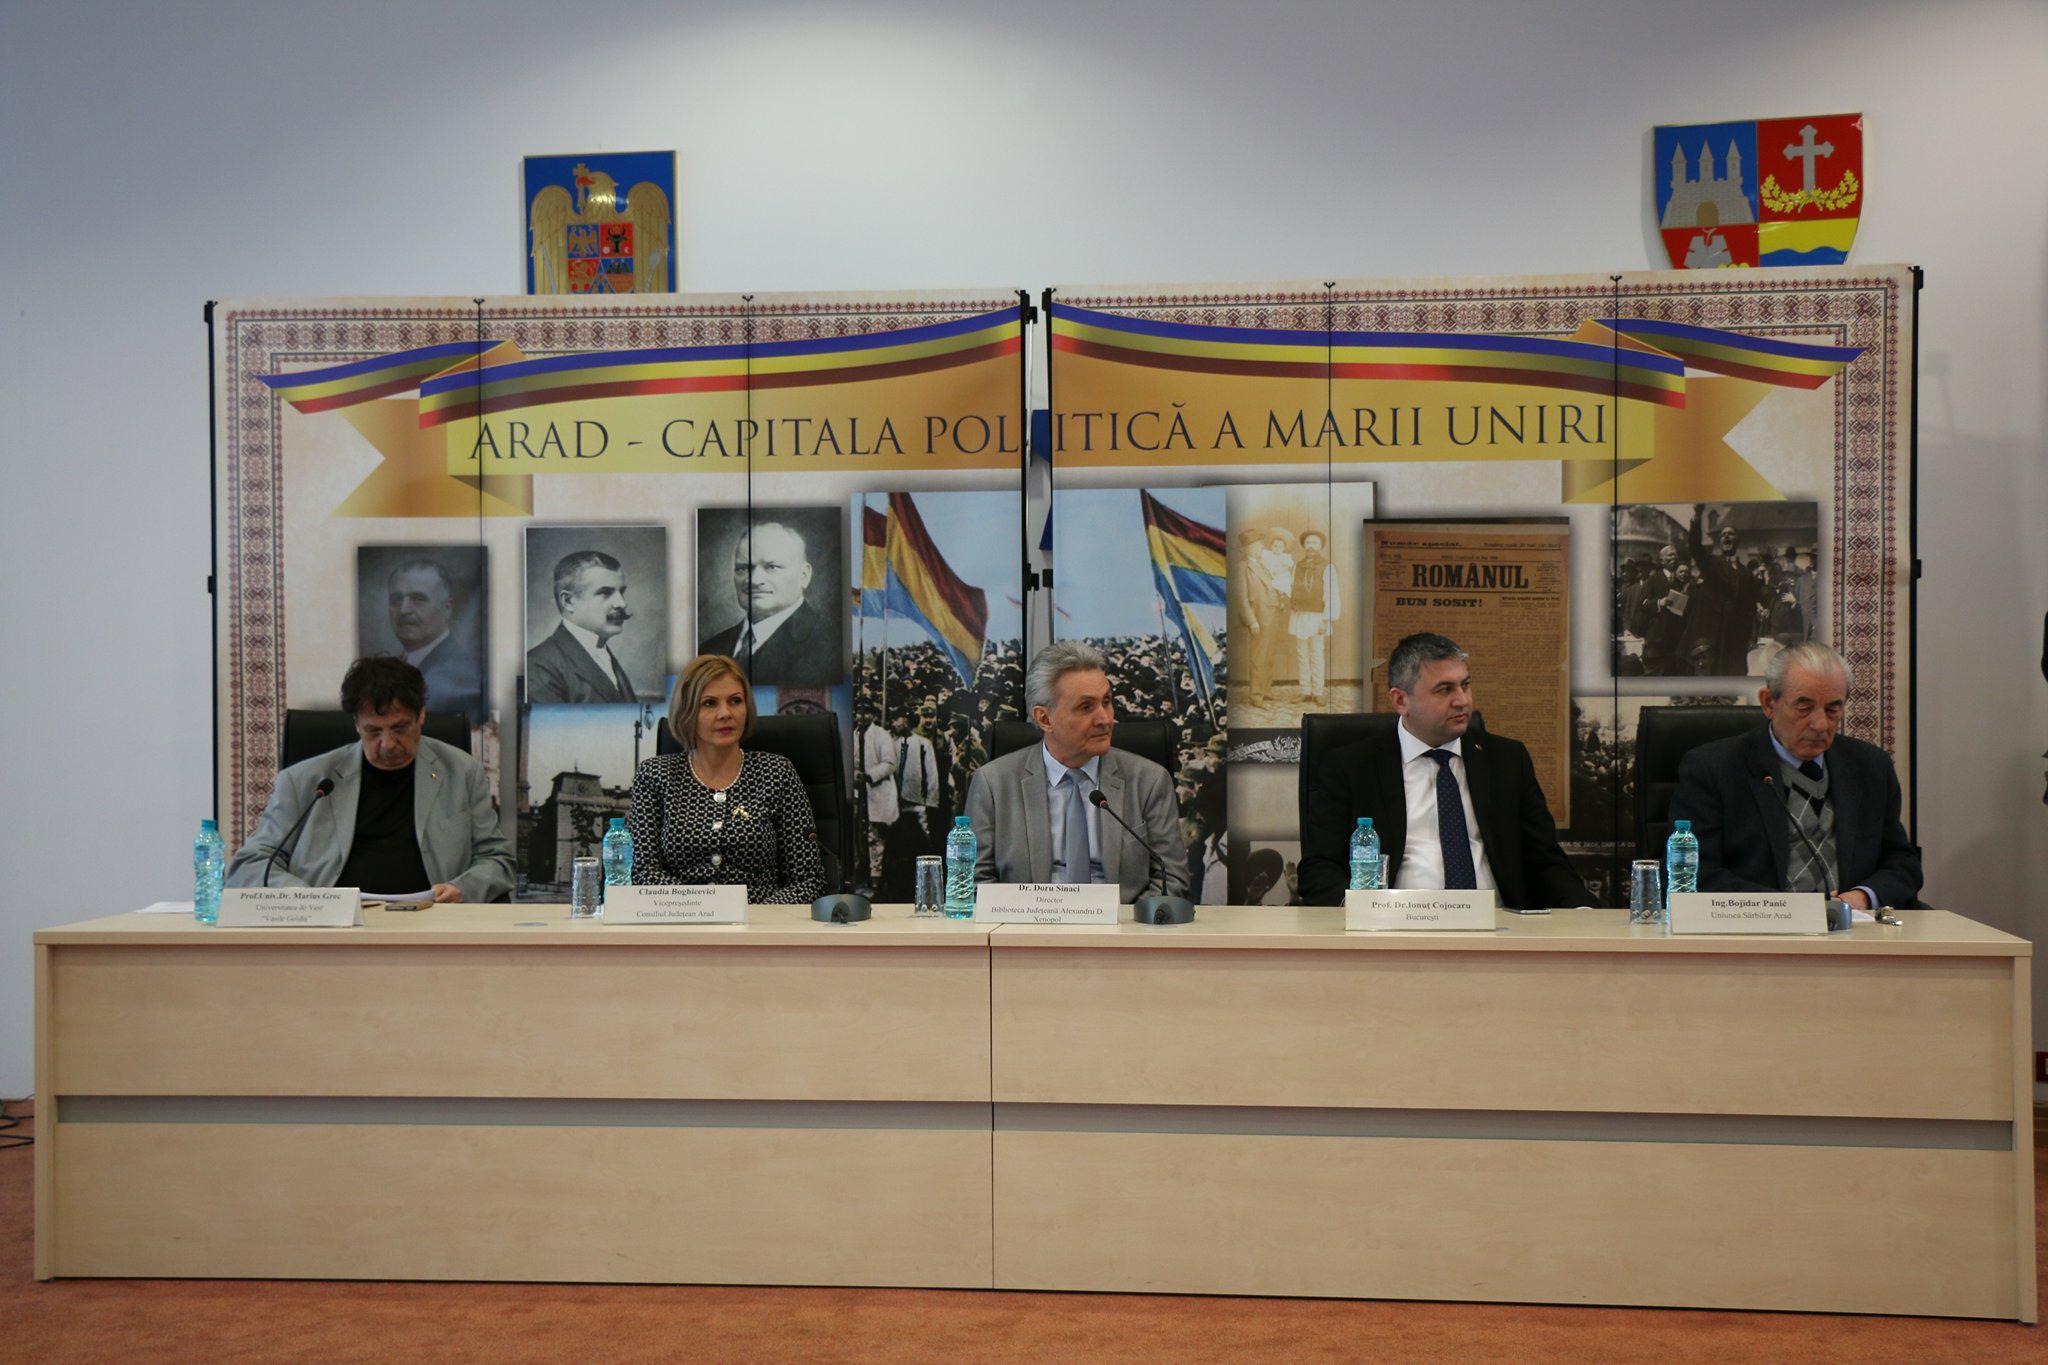 """Claudia Boghicevici, vicepreşedinte al Consiliului Judeţean Arad: """"Aradul sărbătoreşte Anul Centenar cu evenimente de anvergură internaţională"""""""